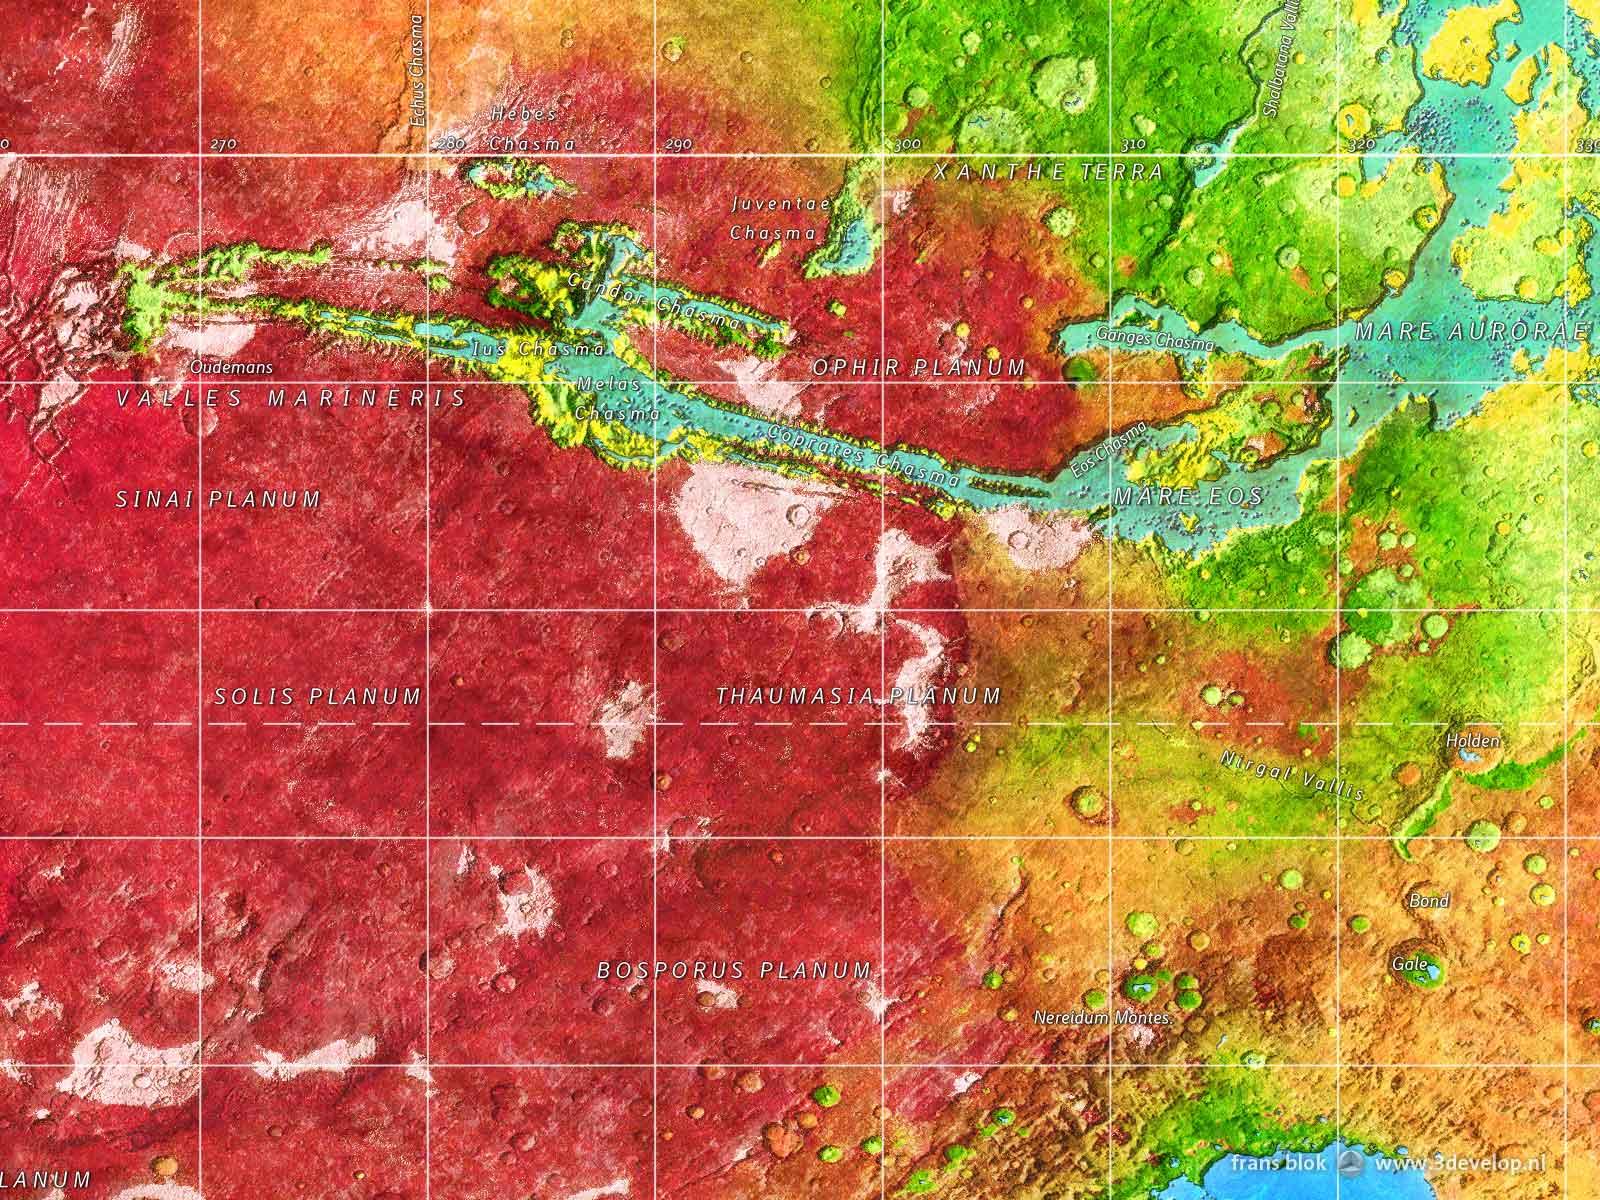 Rood, groen en blauw Mars: fragment van de kaart Mars na terraforming, met o.a. Valles Marineris, Xanthe Terra en het hoogland van Tharsis